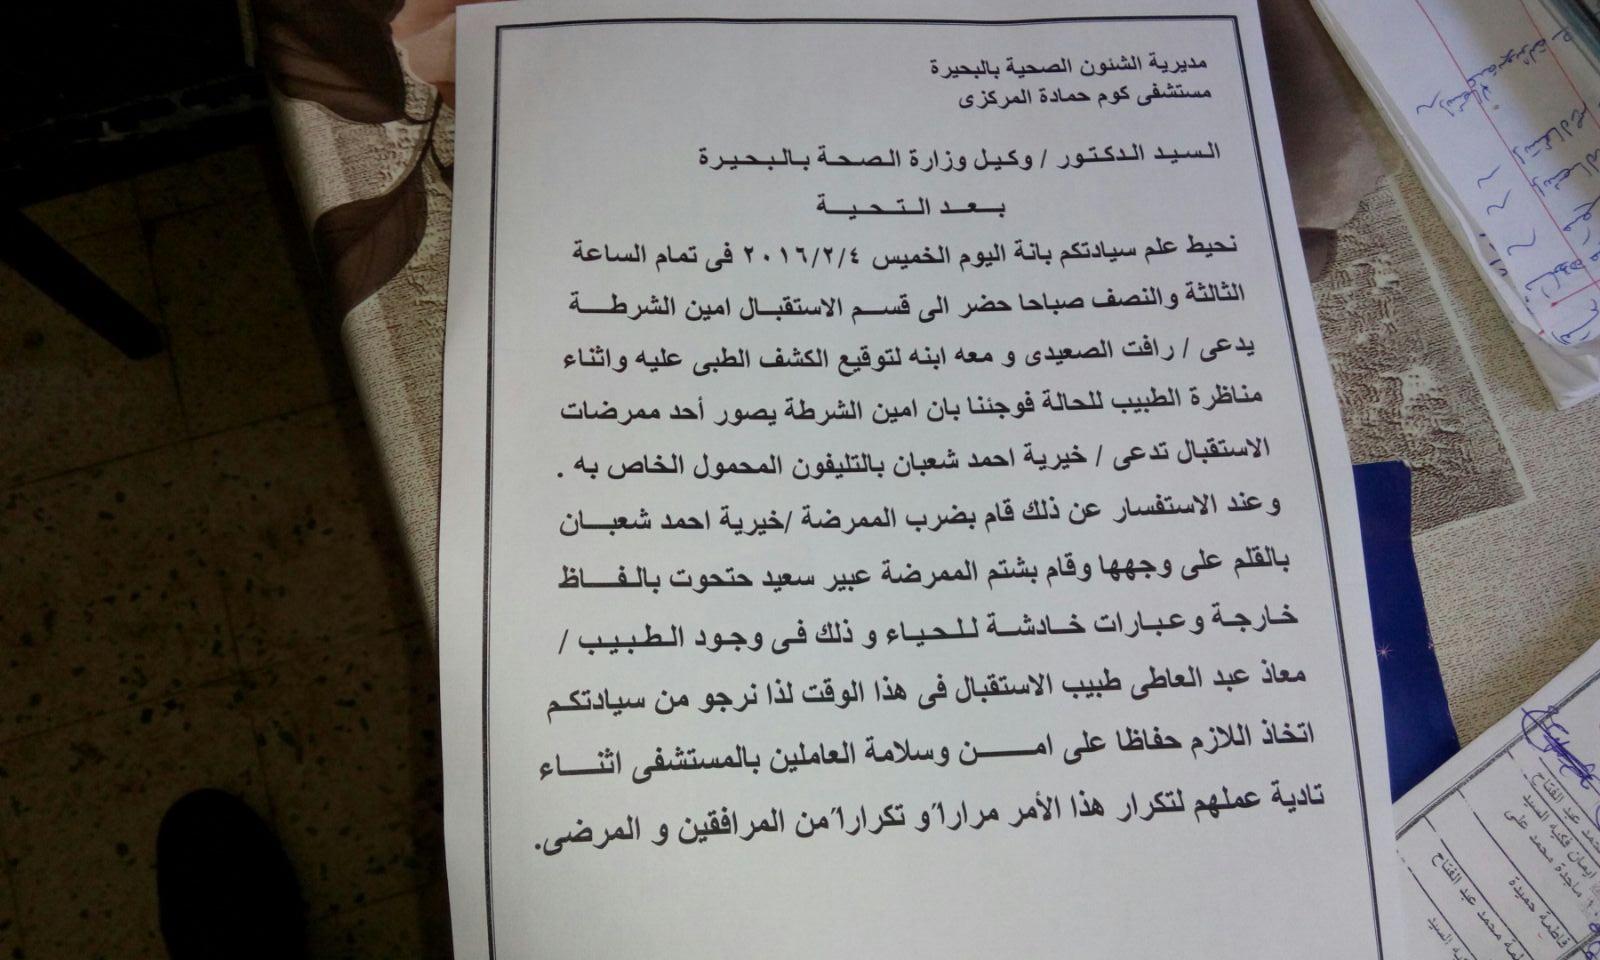 بالصور.. إضراب مستشفى كوم حمادة: أمين شرطة صفع ممرضة لما شاهدته يصورها بهاتفه